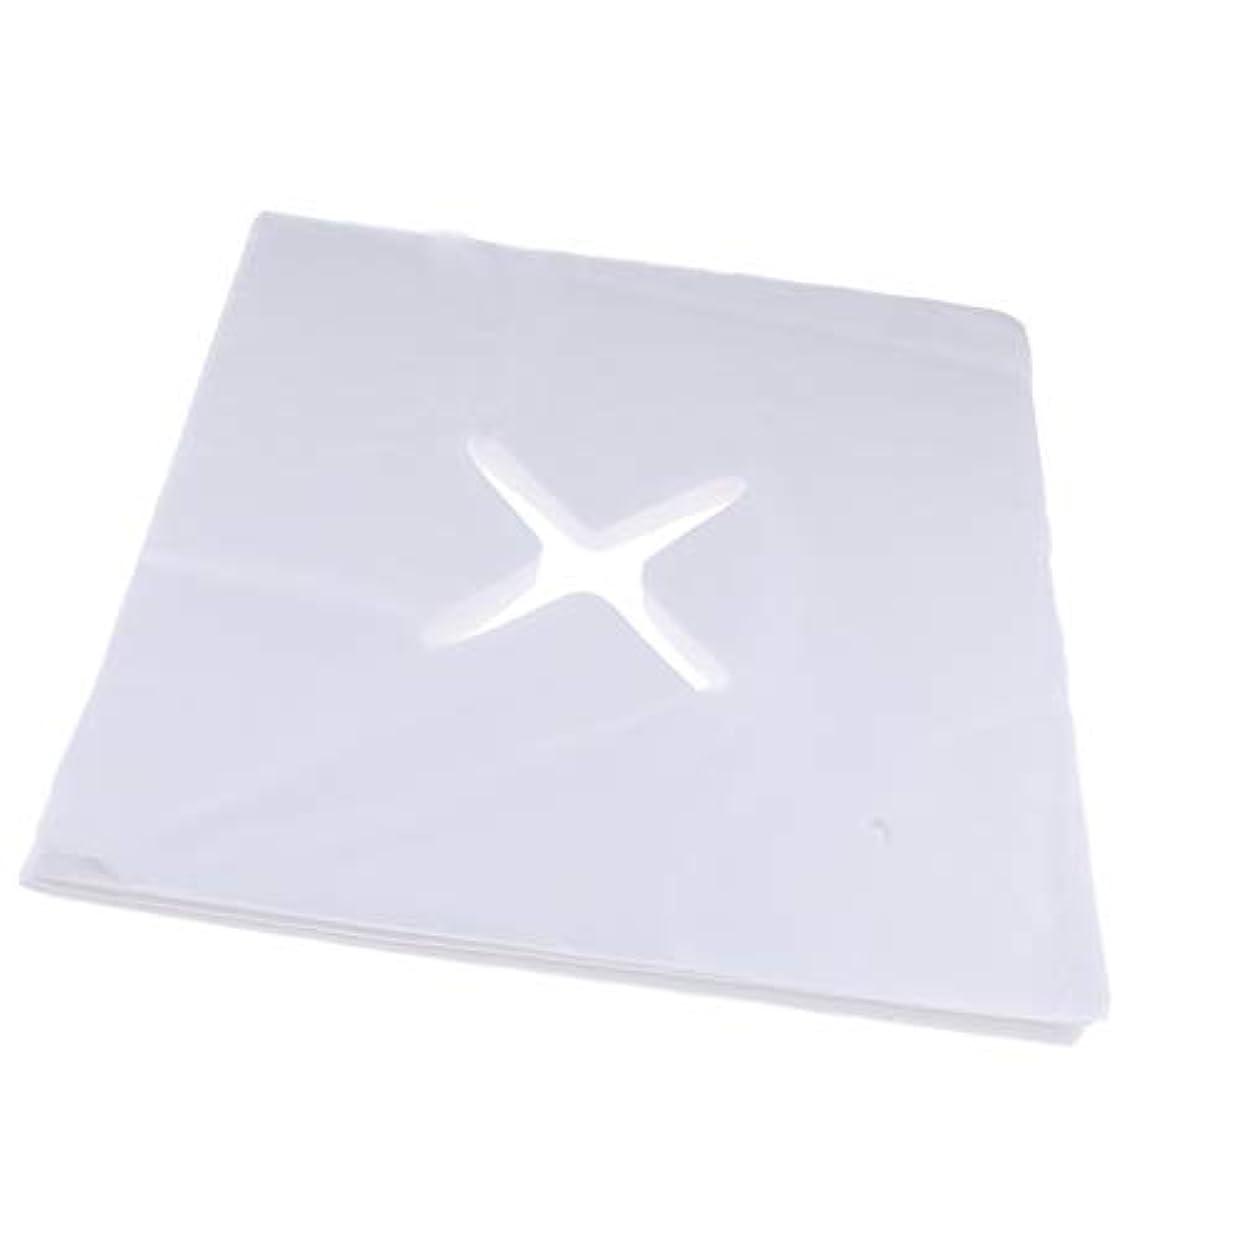 拮抗エンジニア詩人約200枚 ピローシート 十字カット 使い捨て フェイスカバー 不織布PP クッション S/M - L